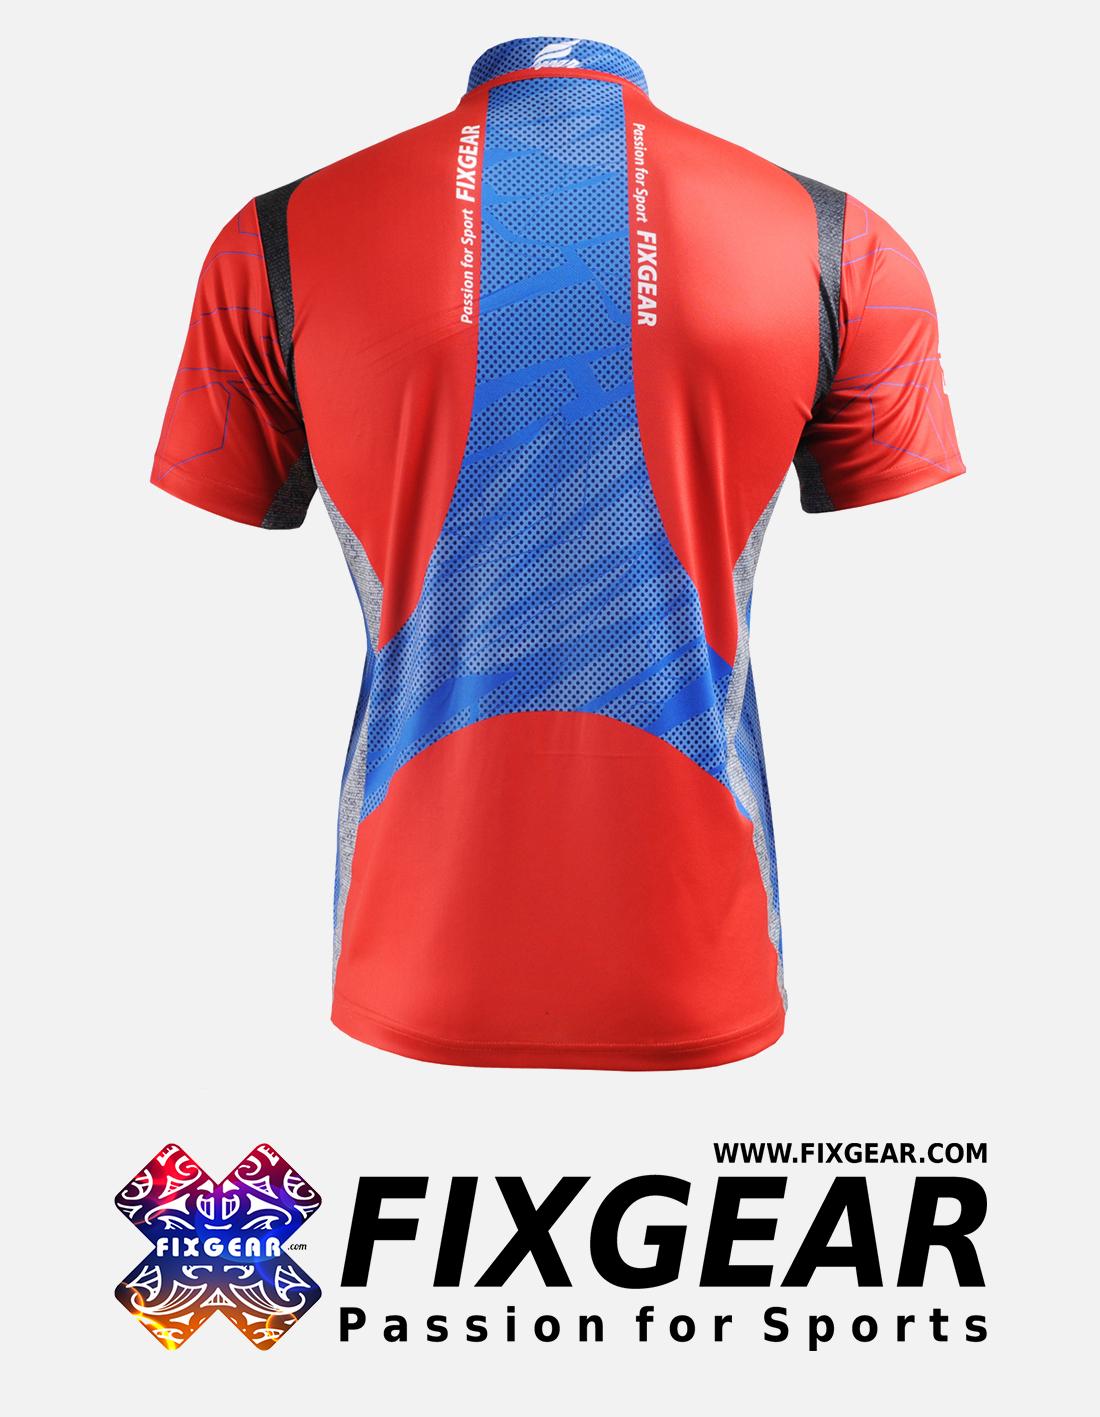 FIXGEAR BM-75R2 Casual Men's short sleeve jersey 1/4 zip-up T-Shirt